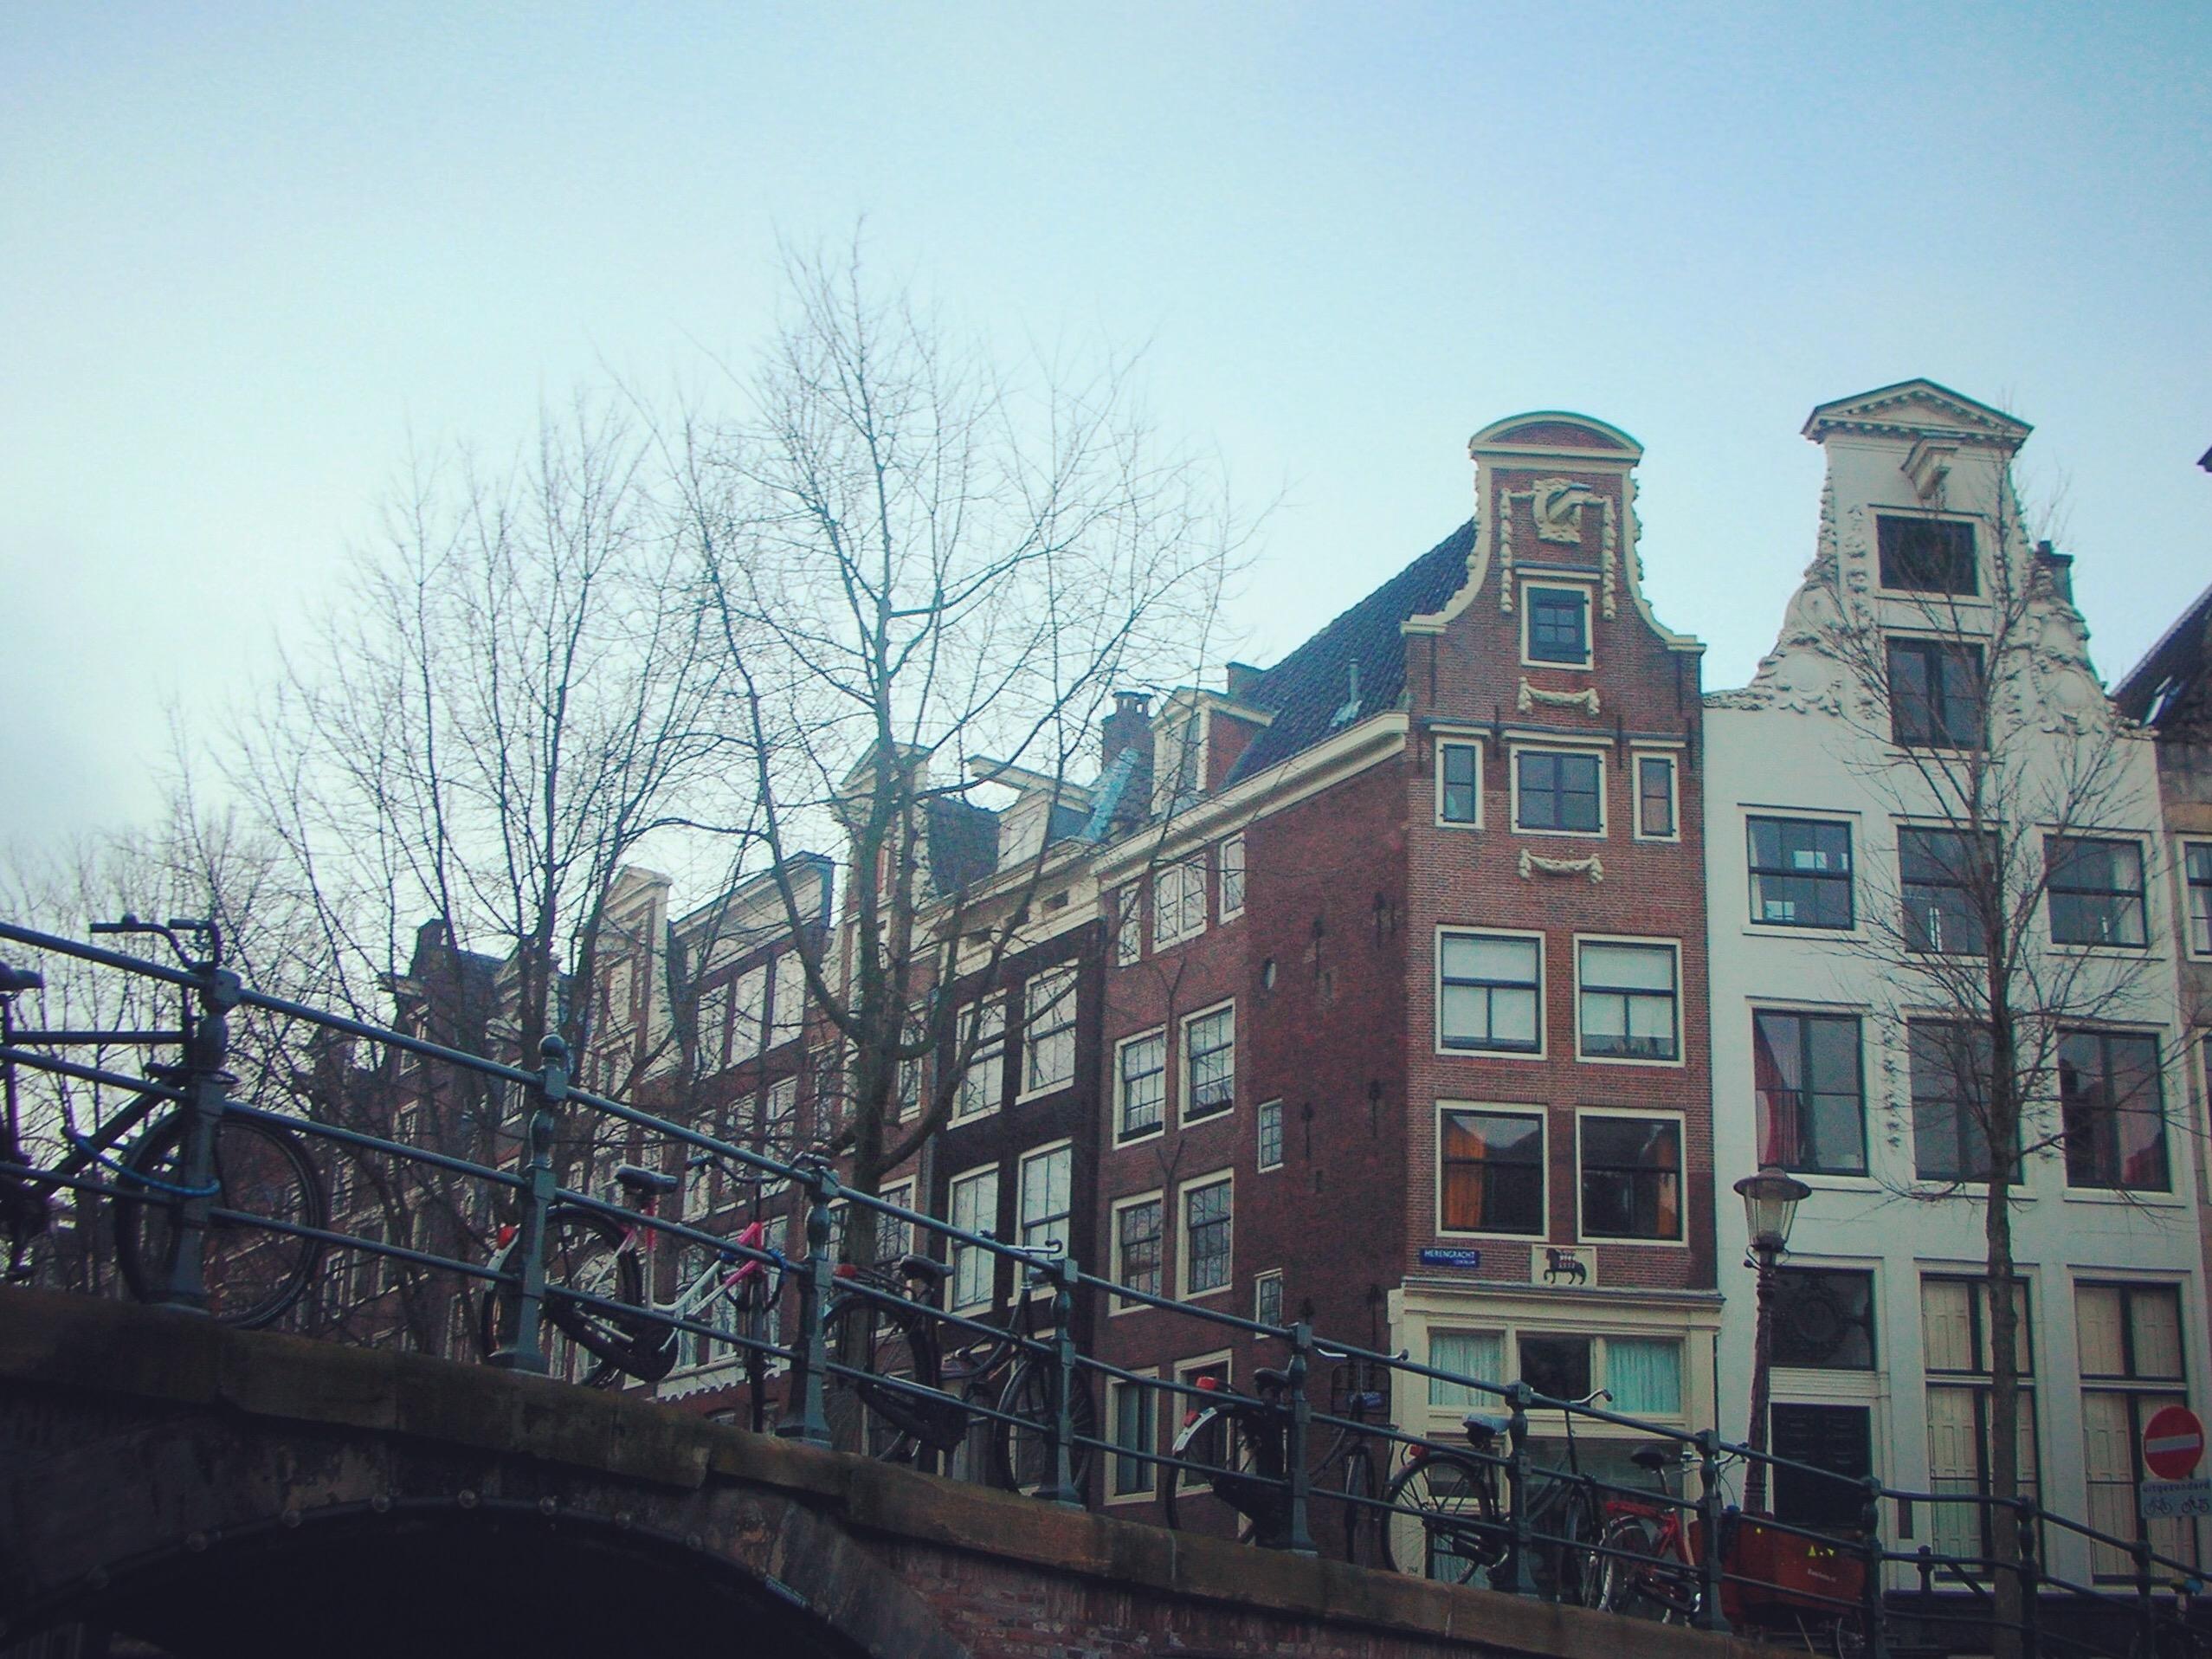 Hollandaya nasıl gidilir ve nerede kalınır